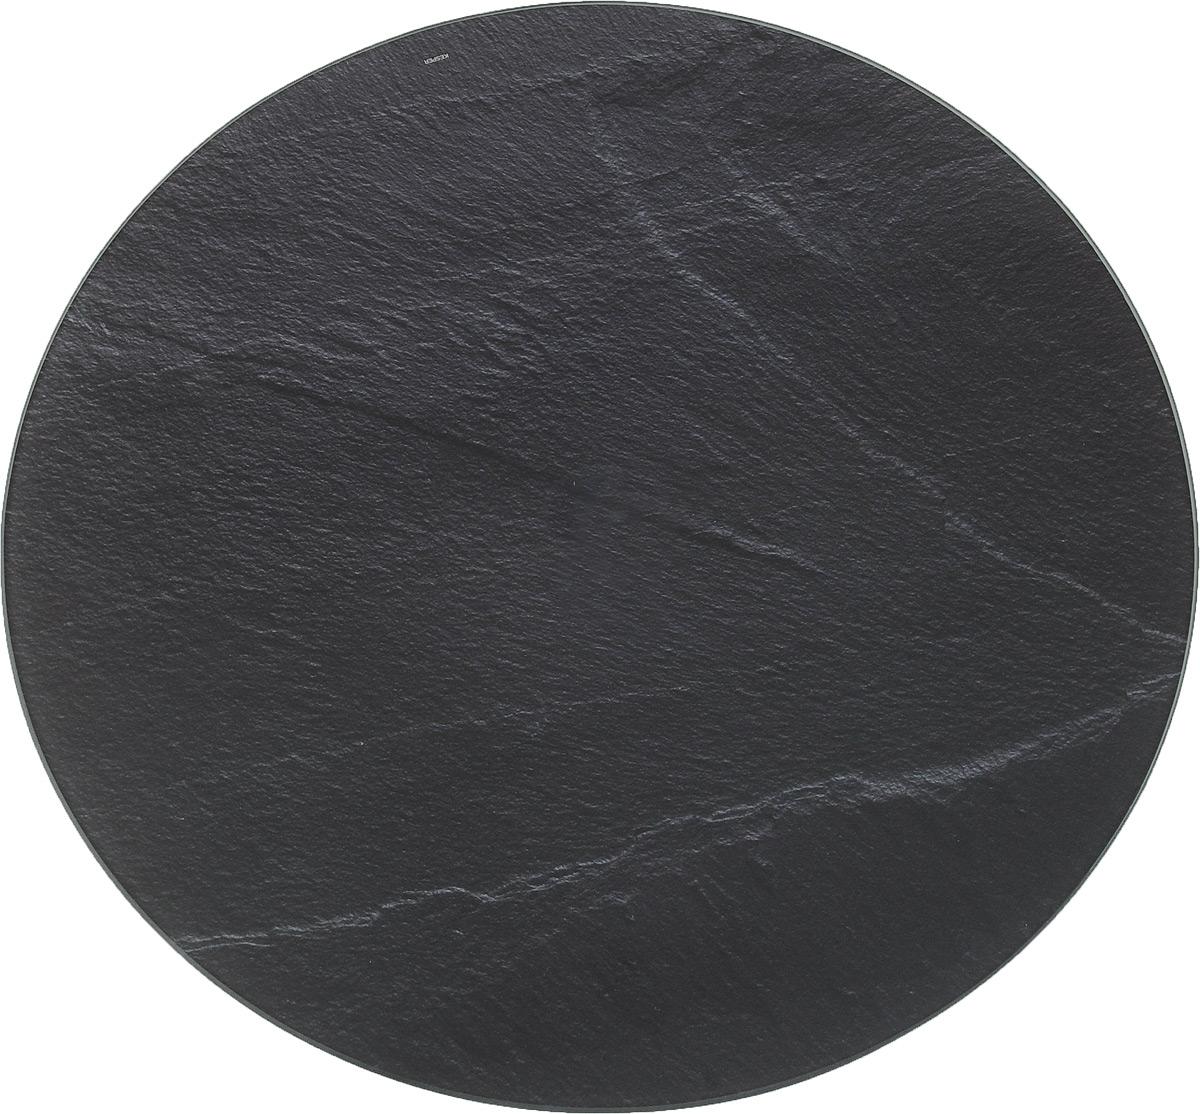 Поднос сервировочный Kesper, вращающийся, диаметр 35,5 см. 3445-03445-0Поднос сервировочный Kesper изготовлен из прочного высококачественного стекла. Идеально подходит для красивой сервировки любых продуктов, закусок, нарезок, суши, хлеба, сыров и многого другого. Основание снабжено противоскользящими ножками для устойчивости. Благодаря тому, что поднос вращается, любой продукт на нем становится максимально доступным. Удобный и функциональный поднос станет отличным приобретением для вашей кухни. Он порадует вас качеством, стильным дизайном и практичностью. Можно мыть в посудомоечной машине. Диаметр подноса: 35,5 см. Диаметр основания: 19 см.